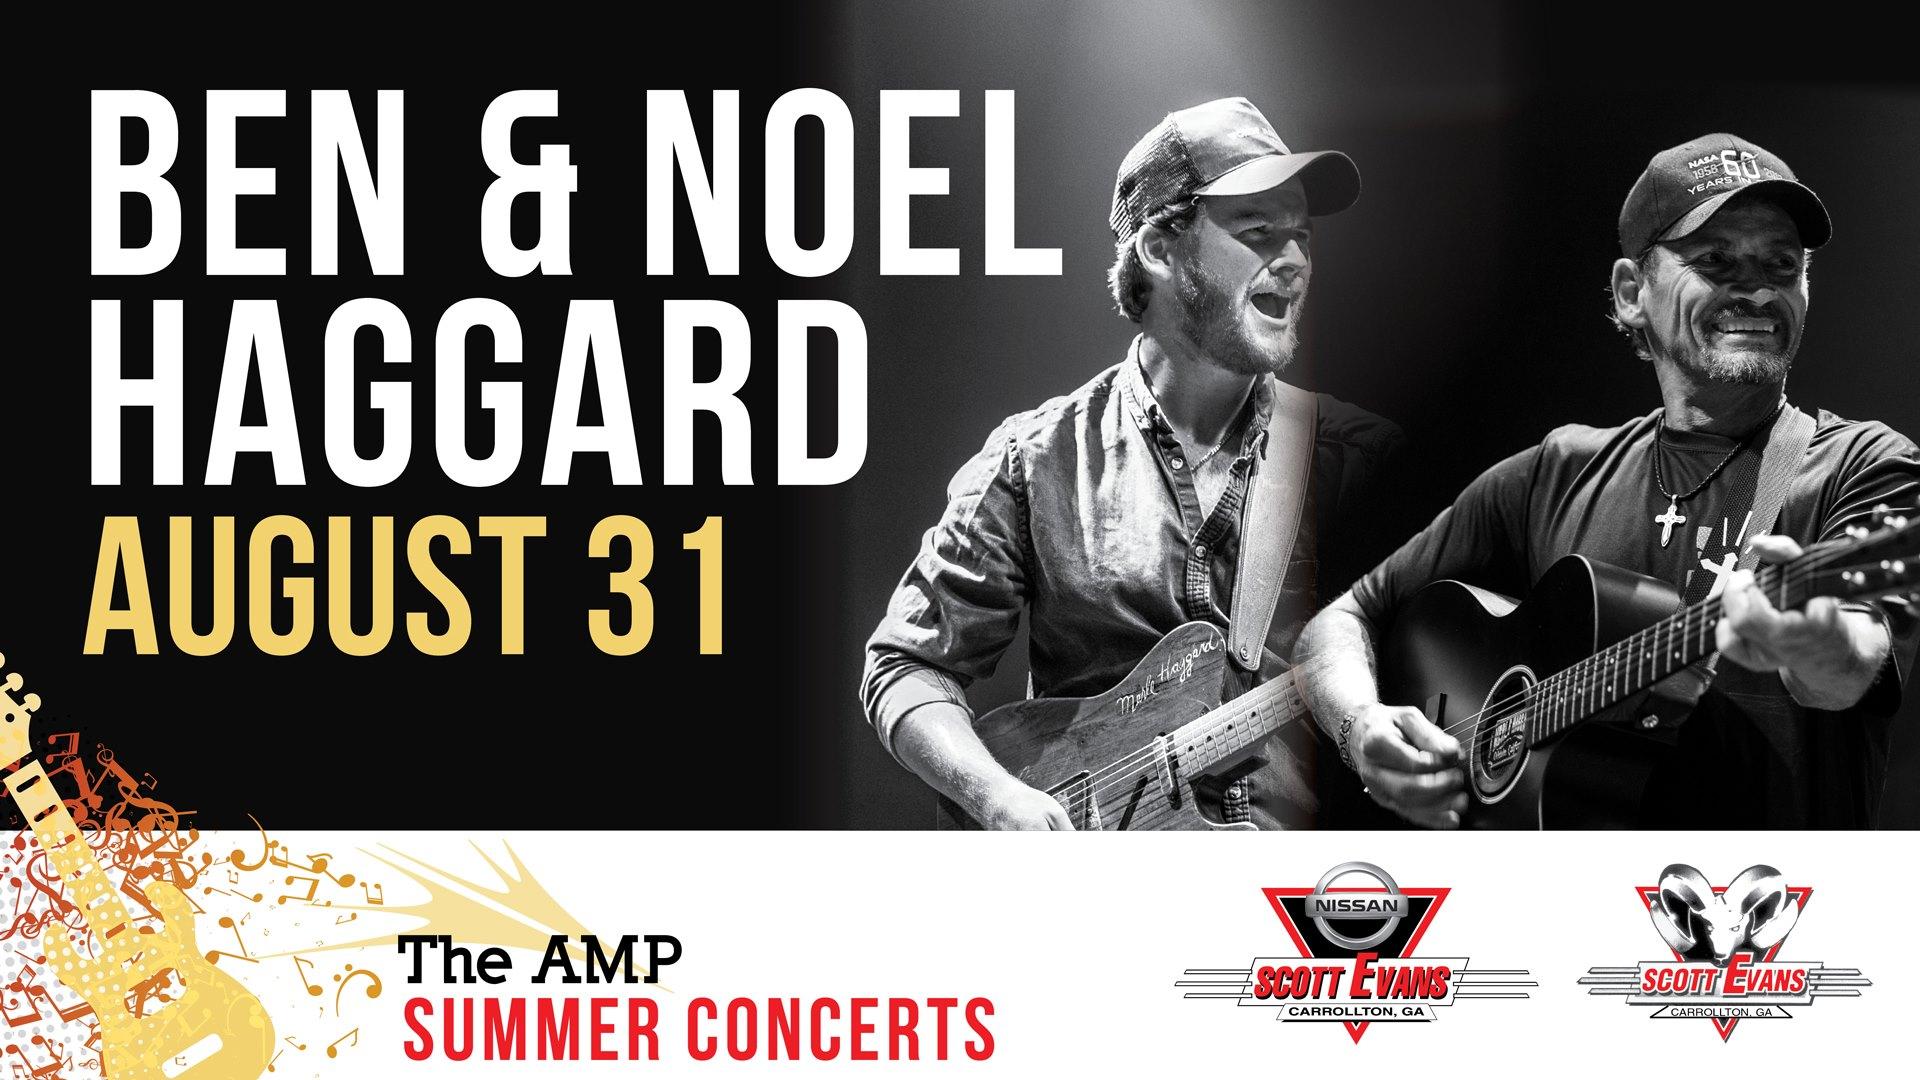 Amp Summer Concert Series: Ben & Noel Haggard